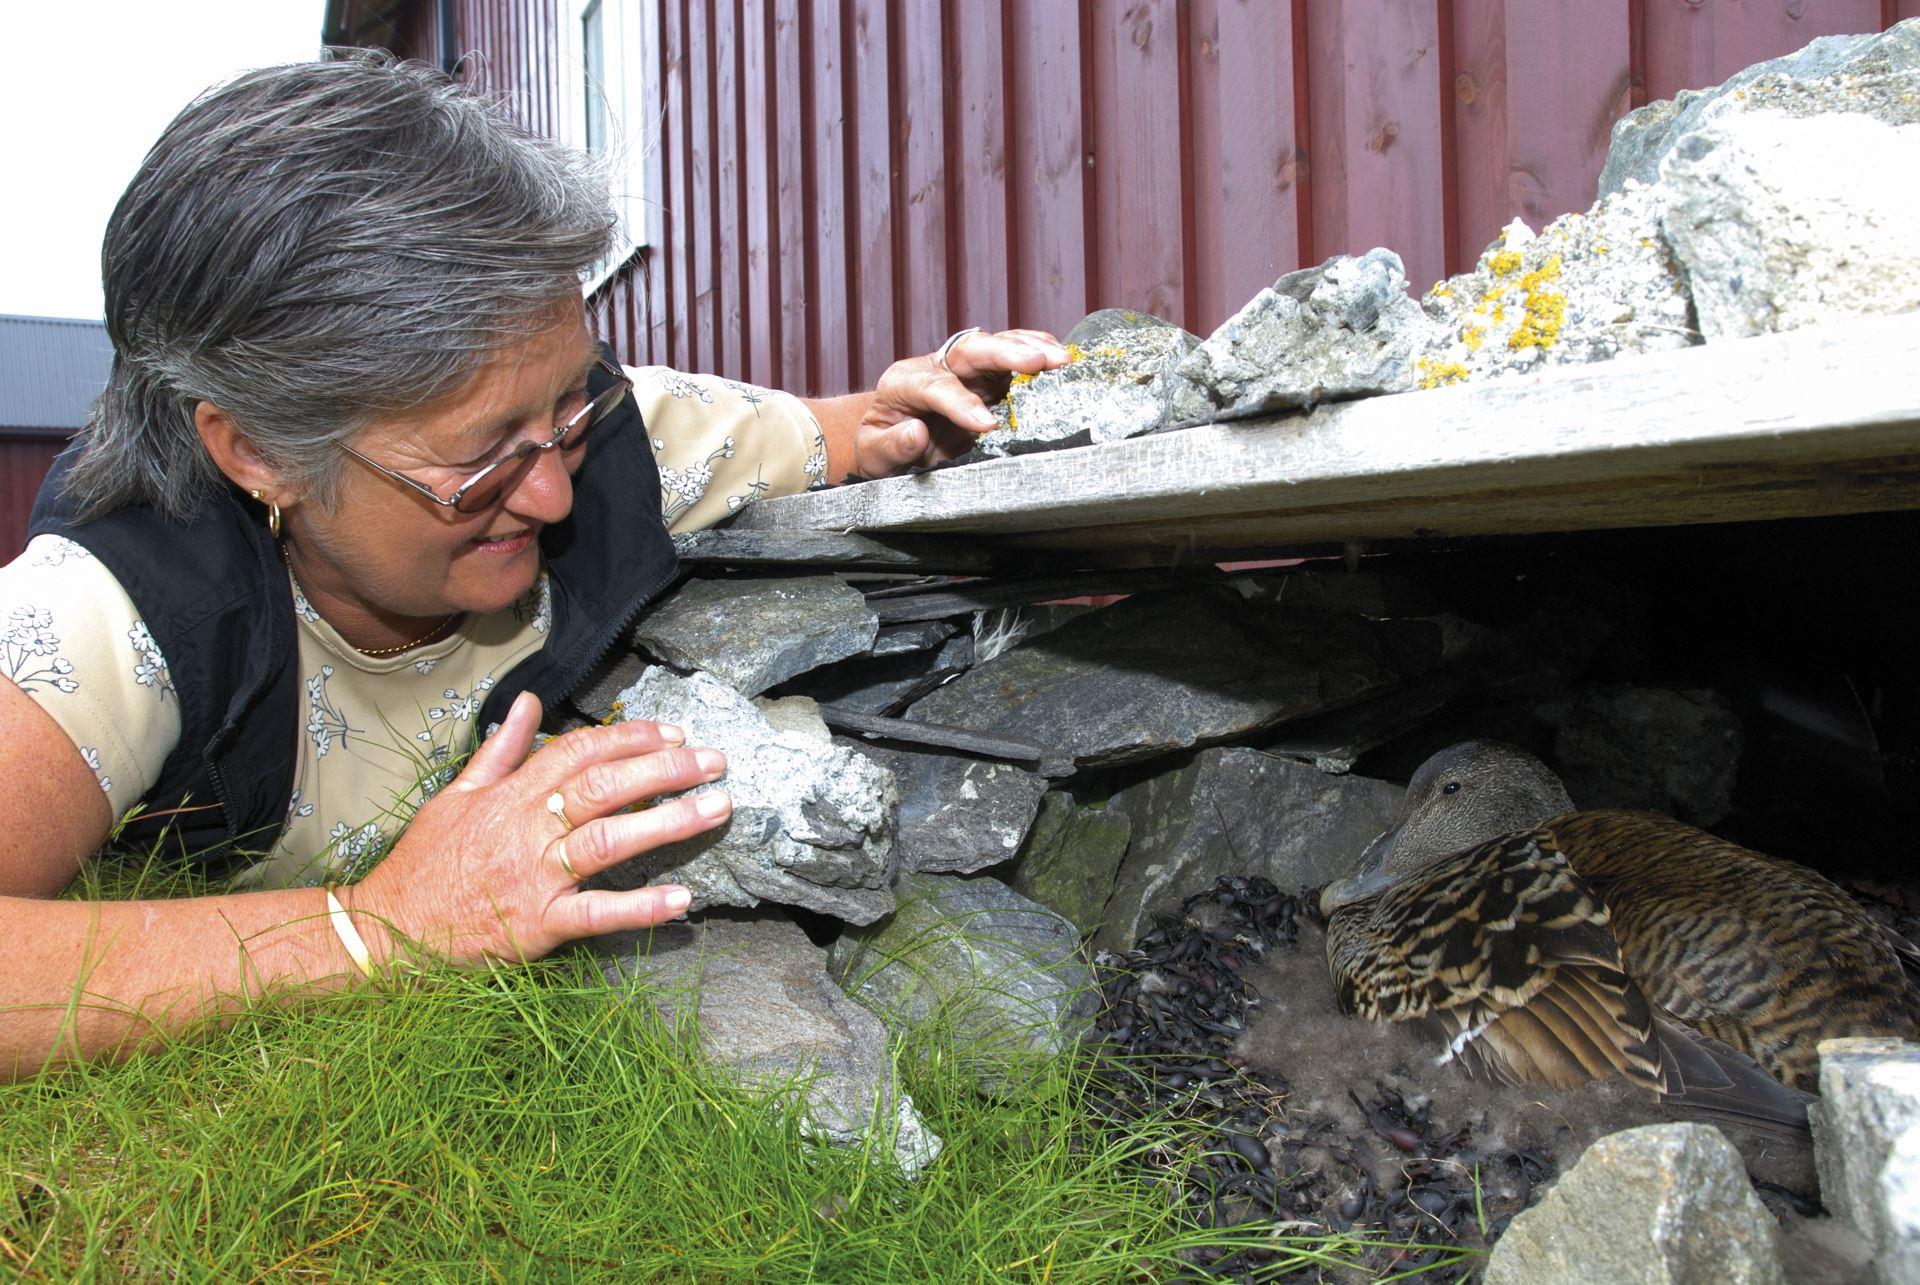 www.lanan.no,  © Utværet Lånan, Utværet Lånan As